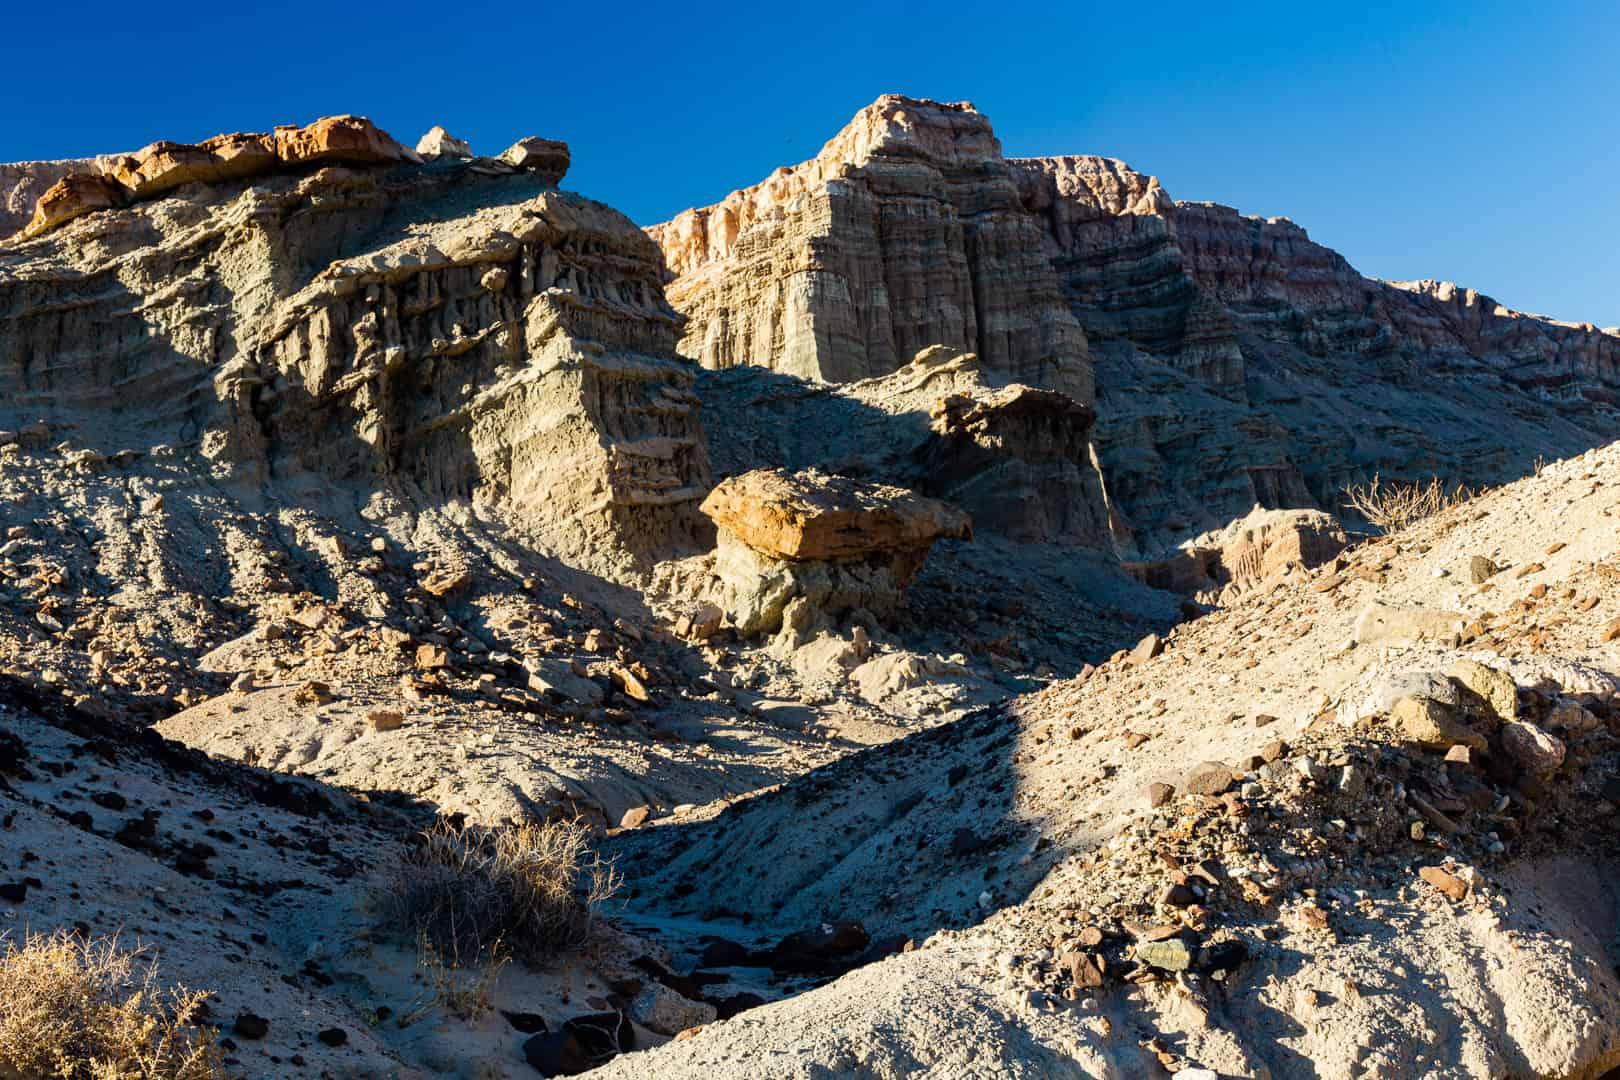 Cliffs, Red Rock Canyon, December 2015